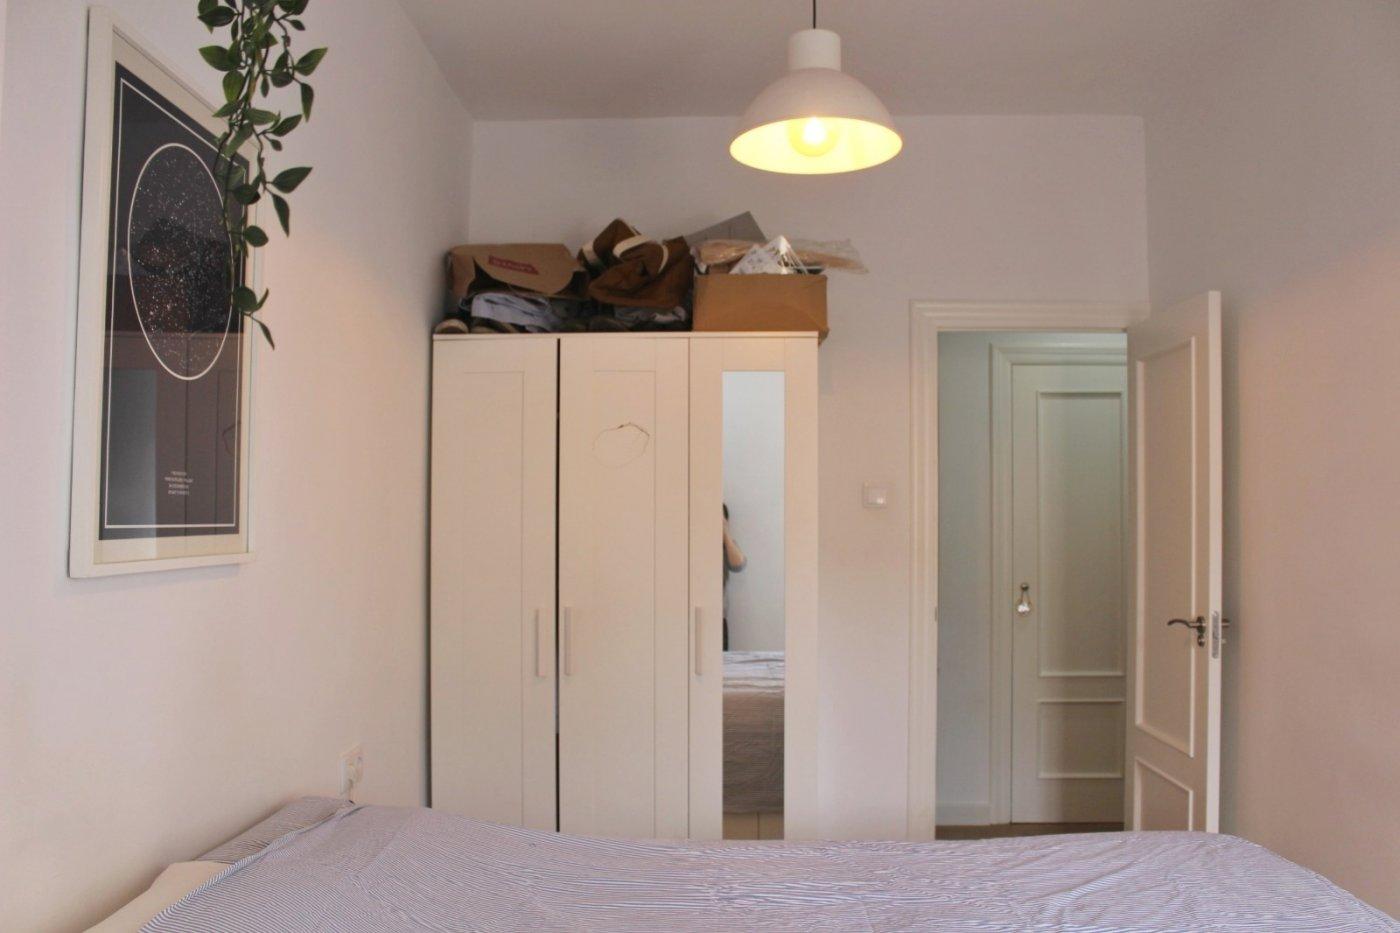 Moderno piso con balcón en espinardo - imagenInmueble6